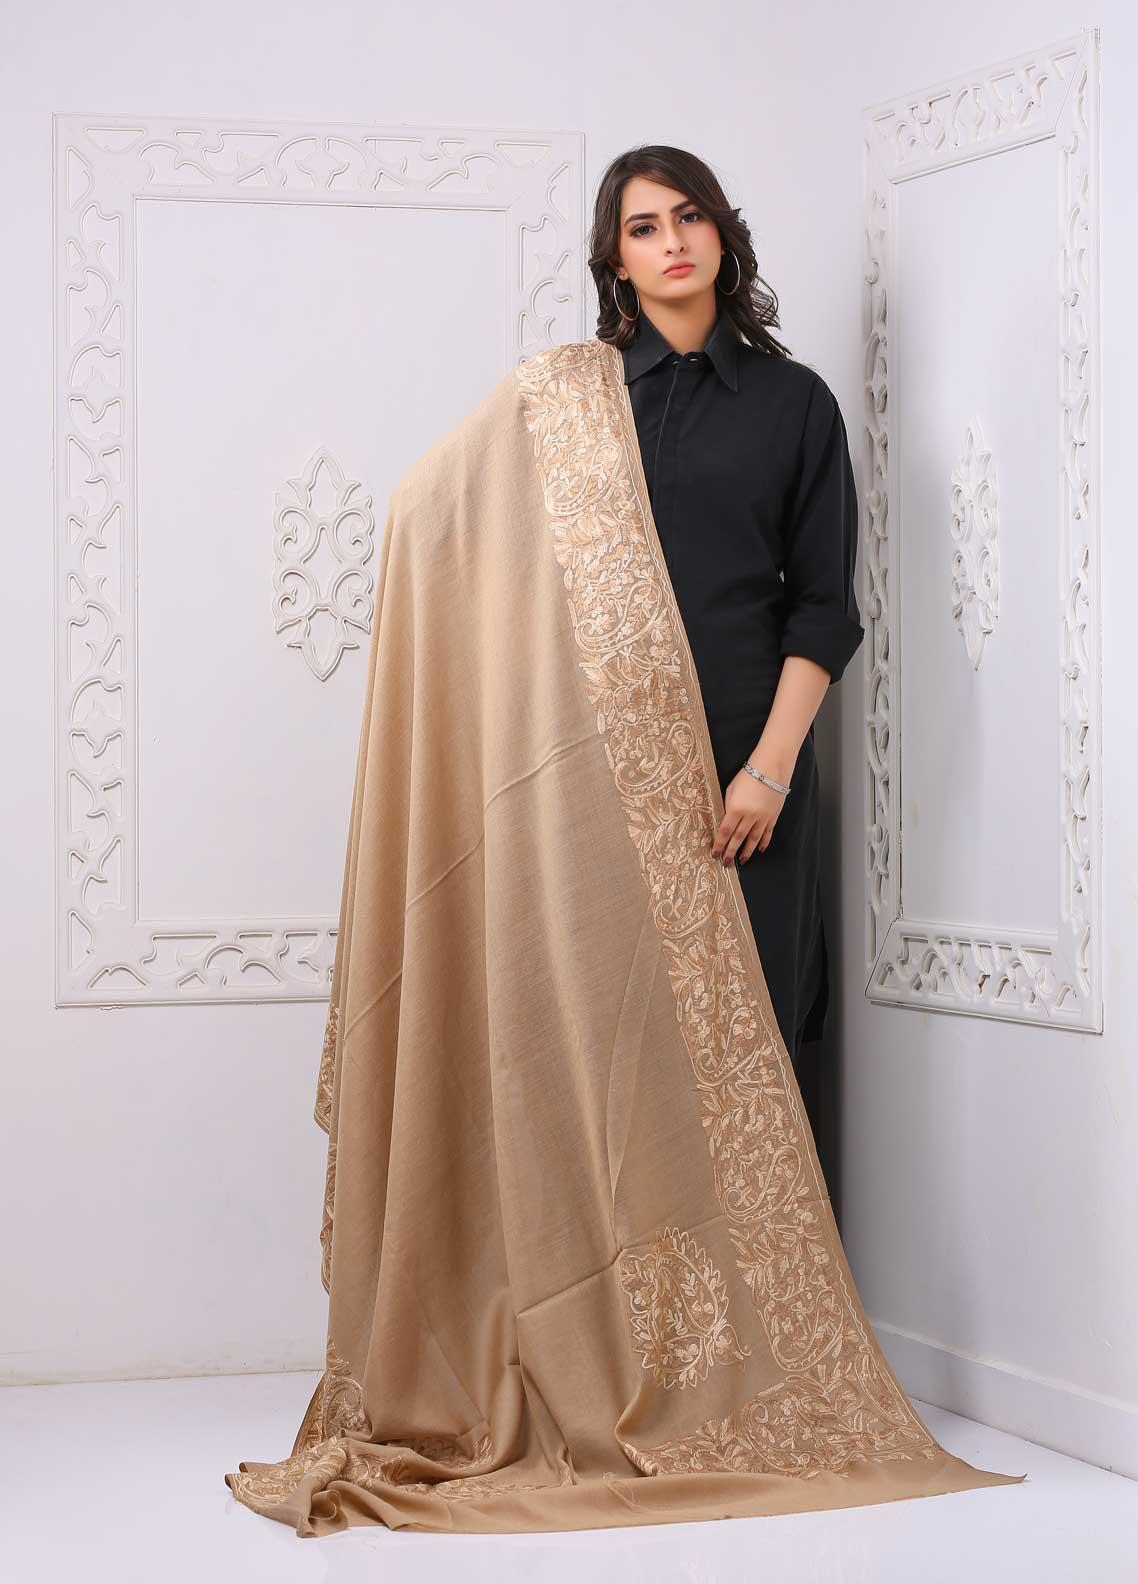 Sanaulla Exclusive Range Embroidered Premium Pashmina  Shawl PRMSH 323825 - Premium Pashmina Shawls